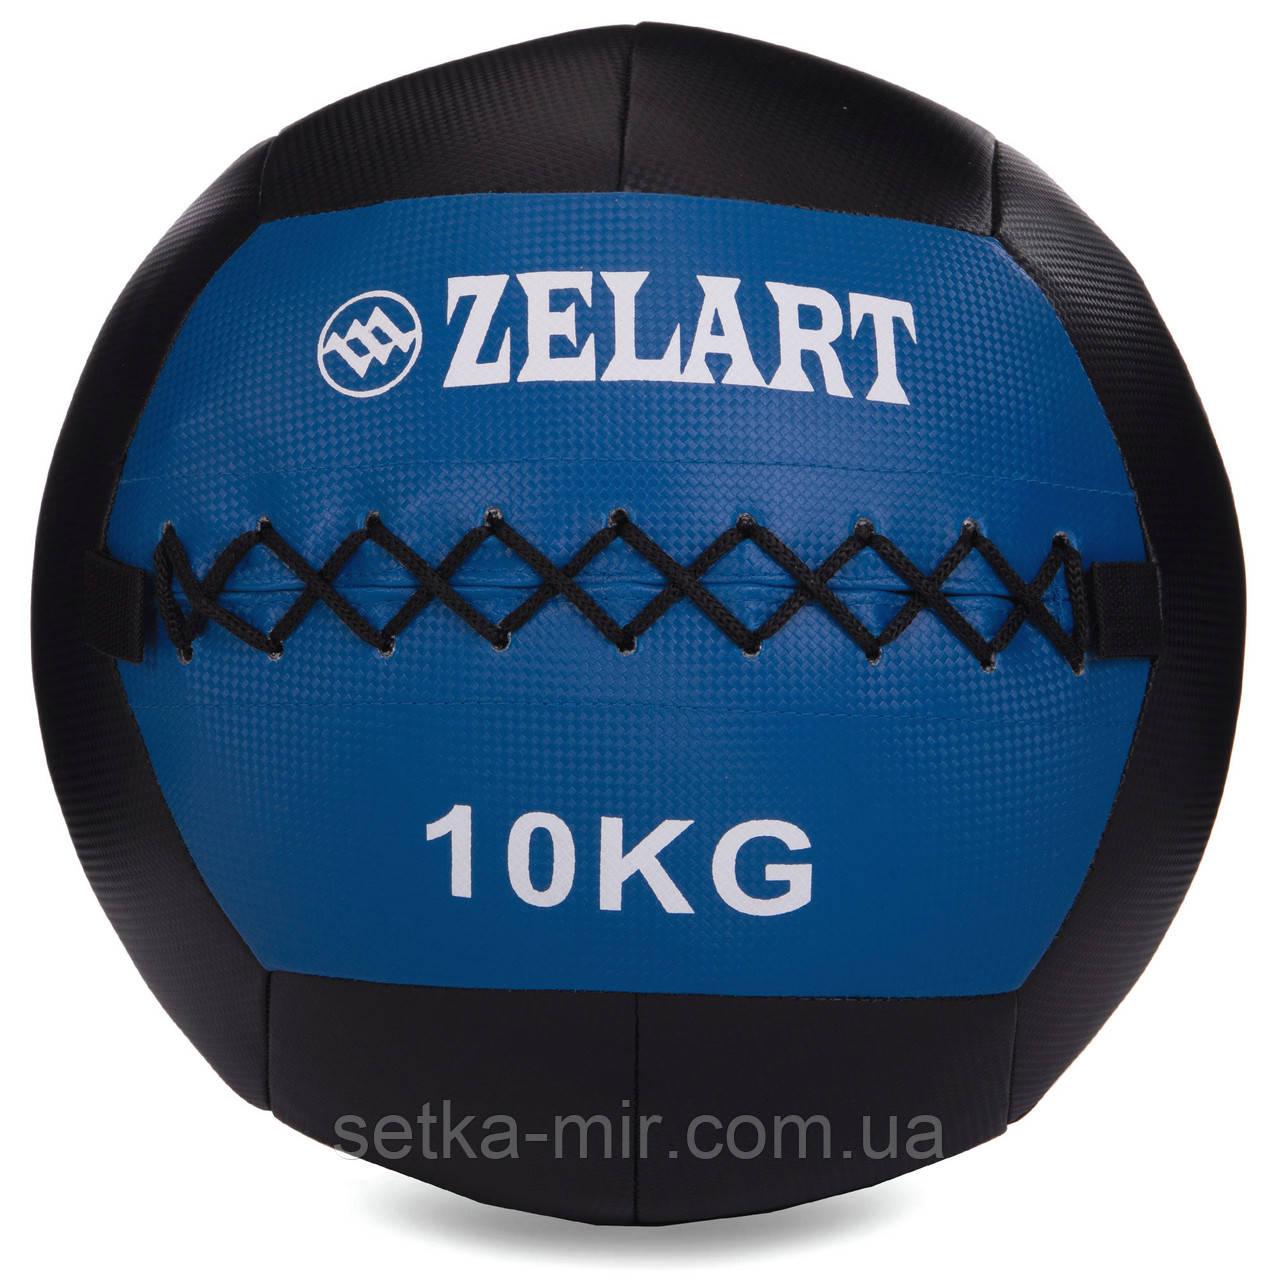 М'яч волбол для кроссфіта і фітнесу 10кг Zelart WALL BALL FI-5168-10